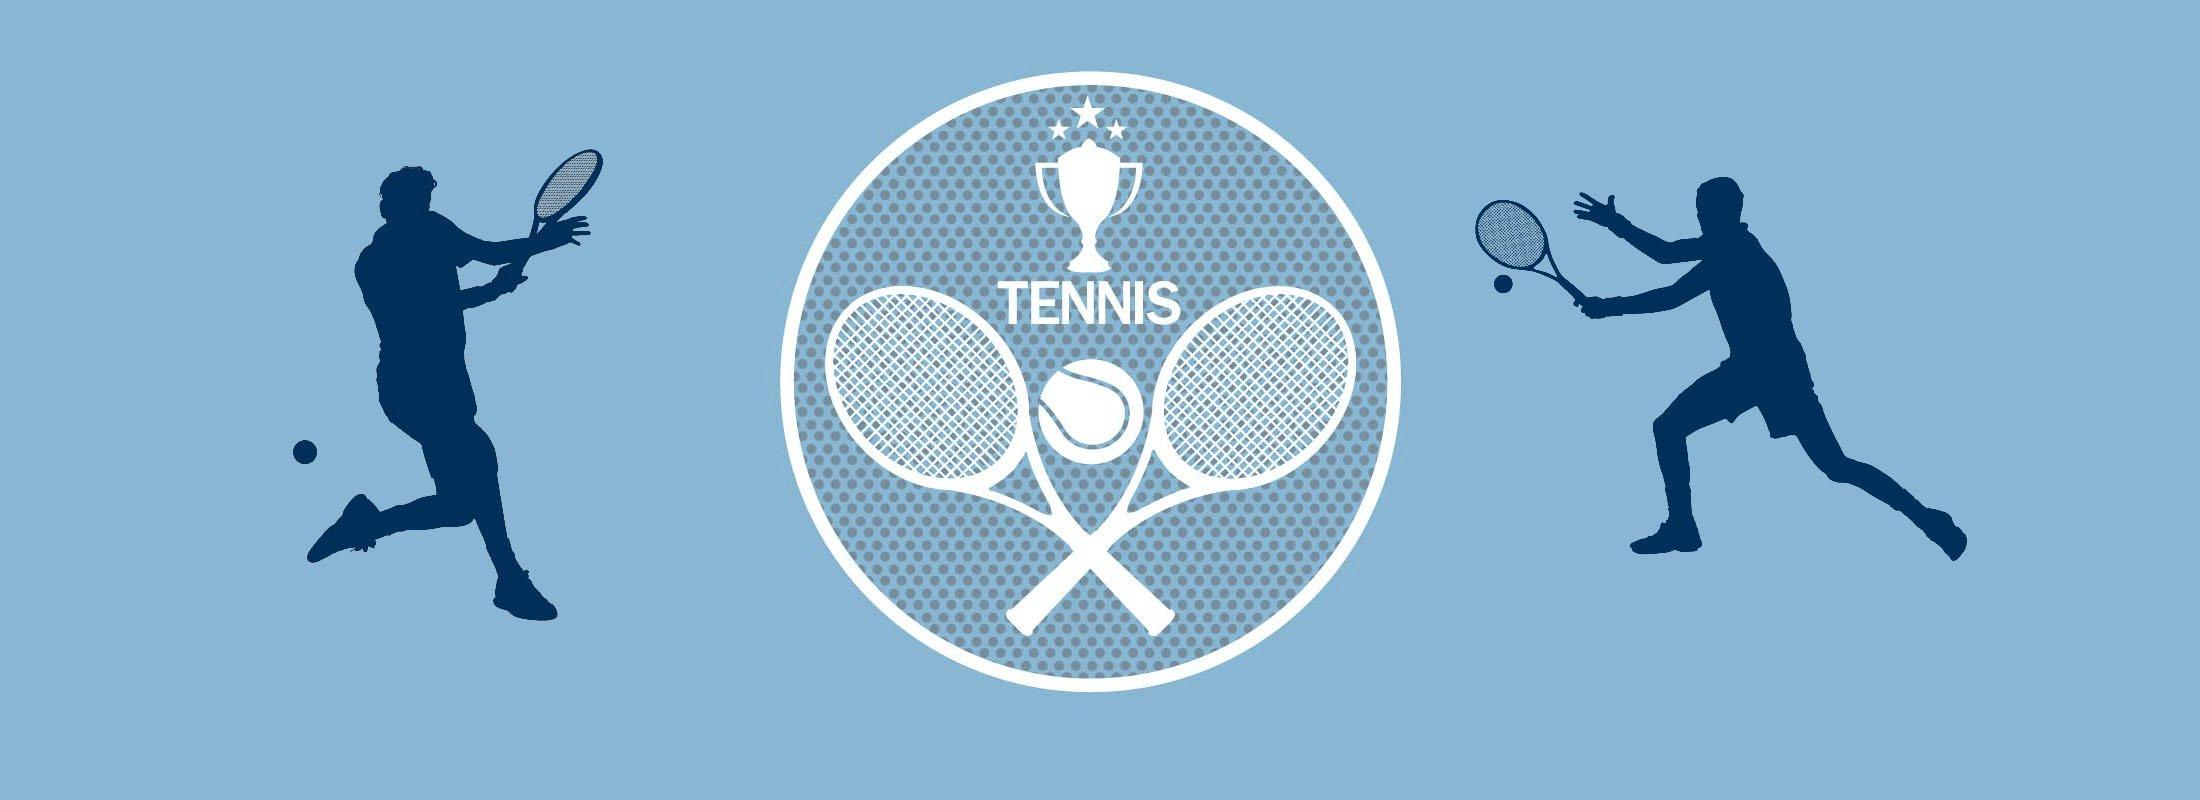 tennis-vector-02